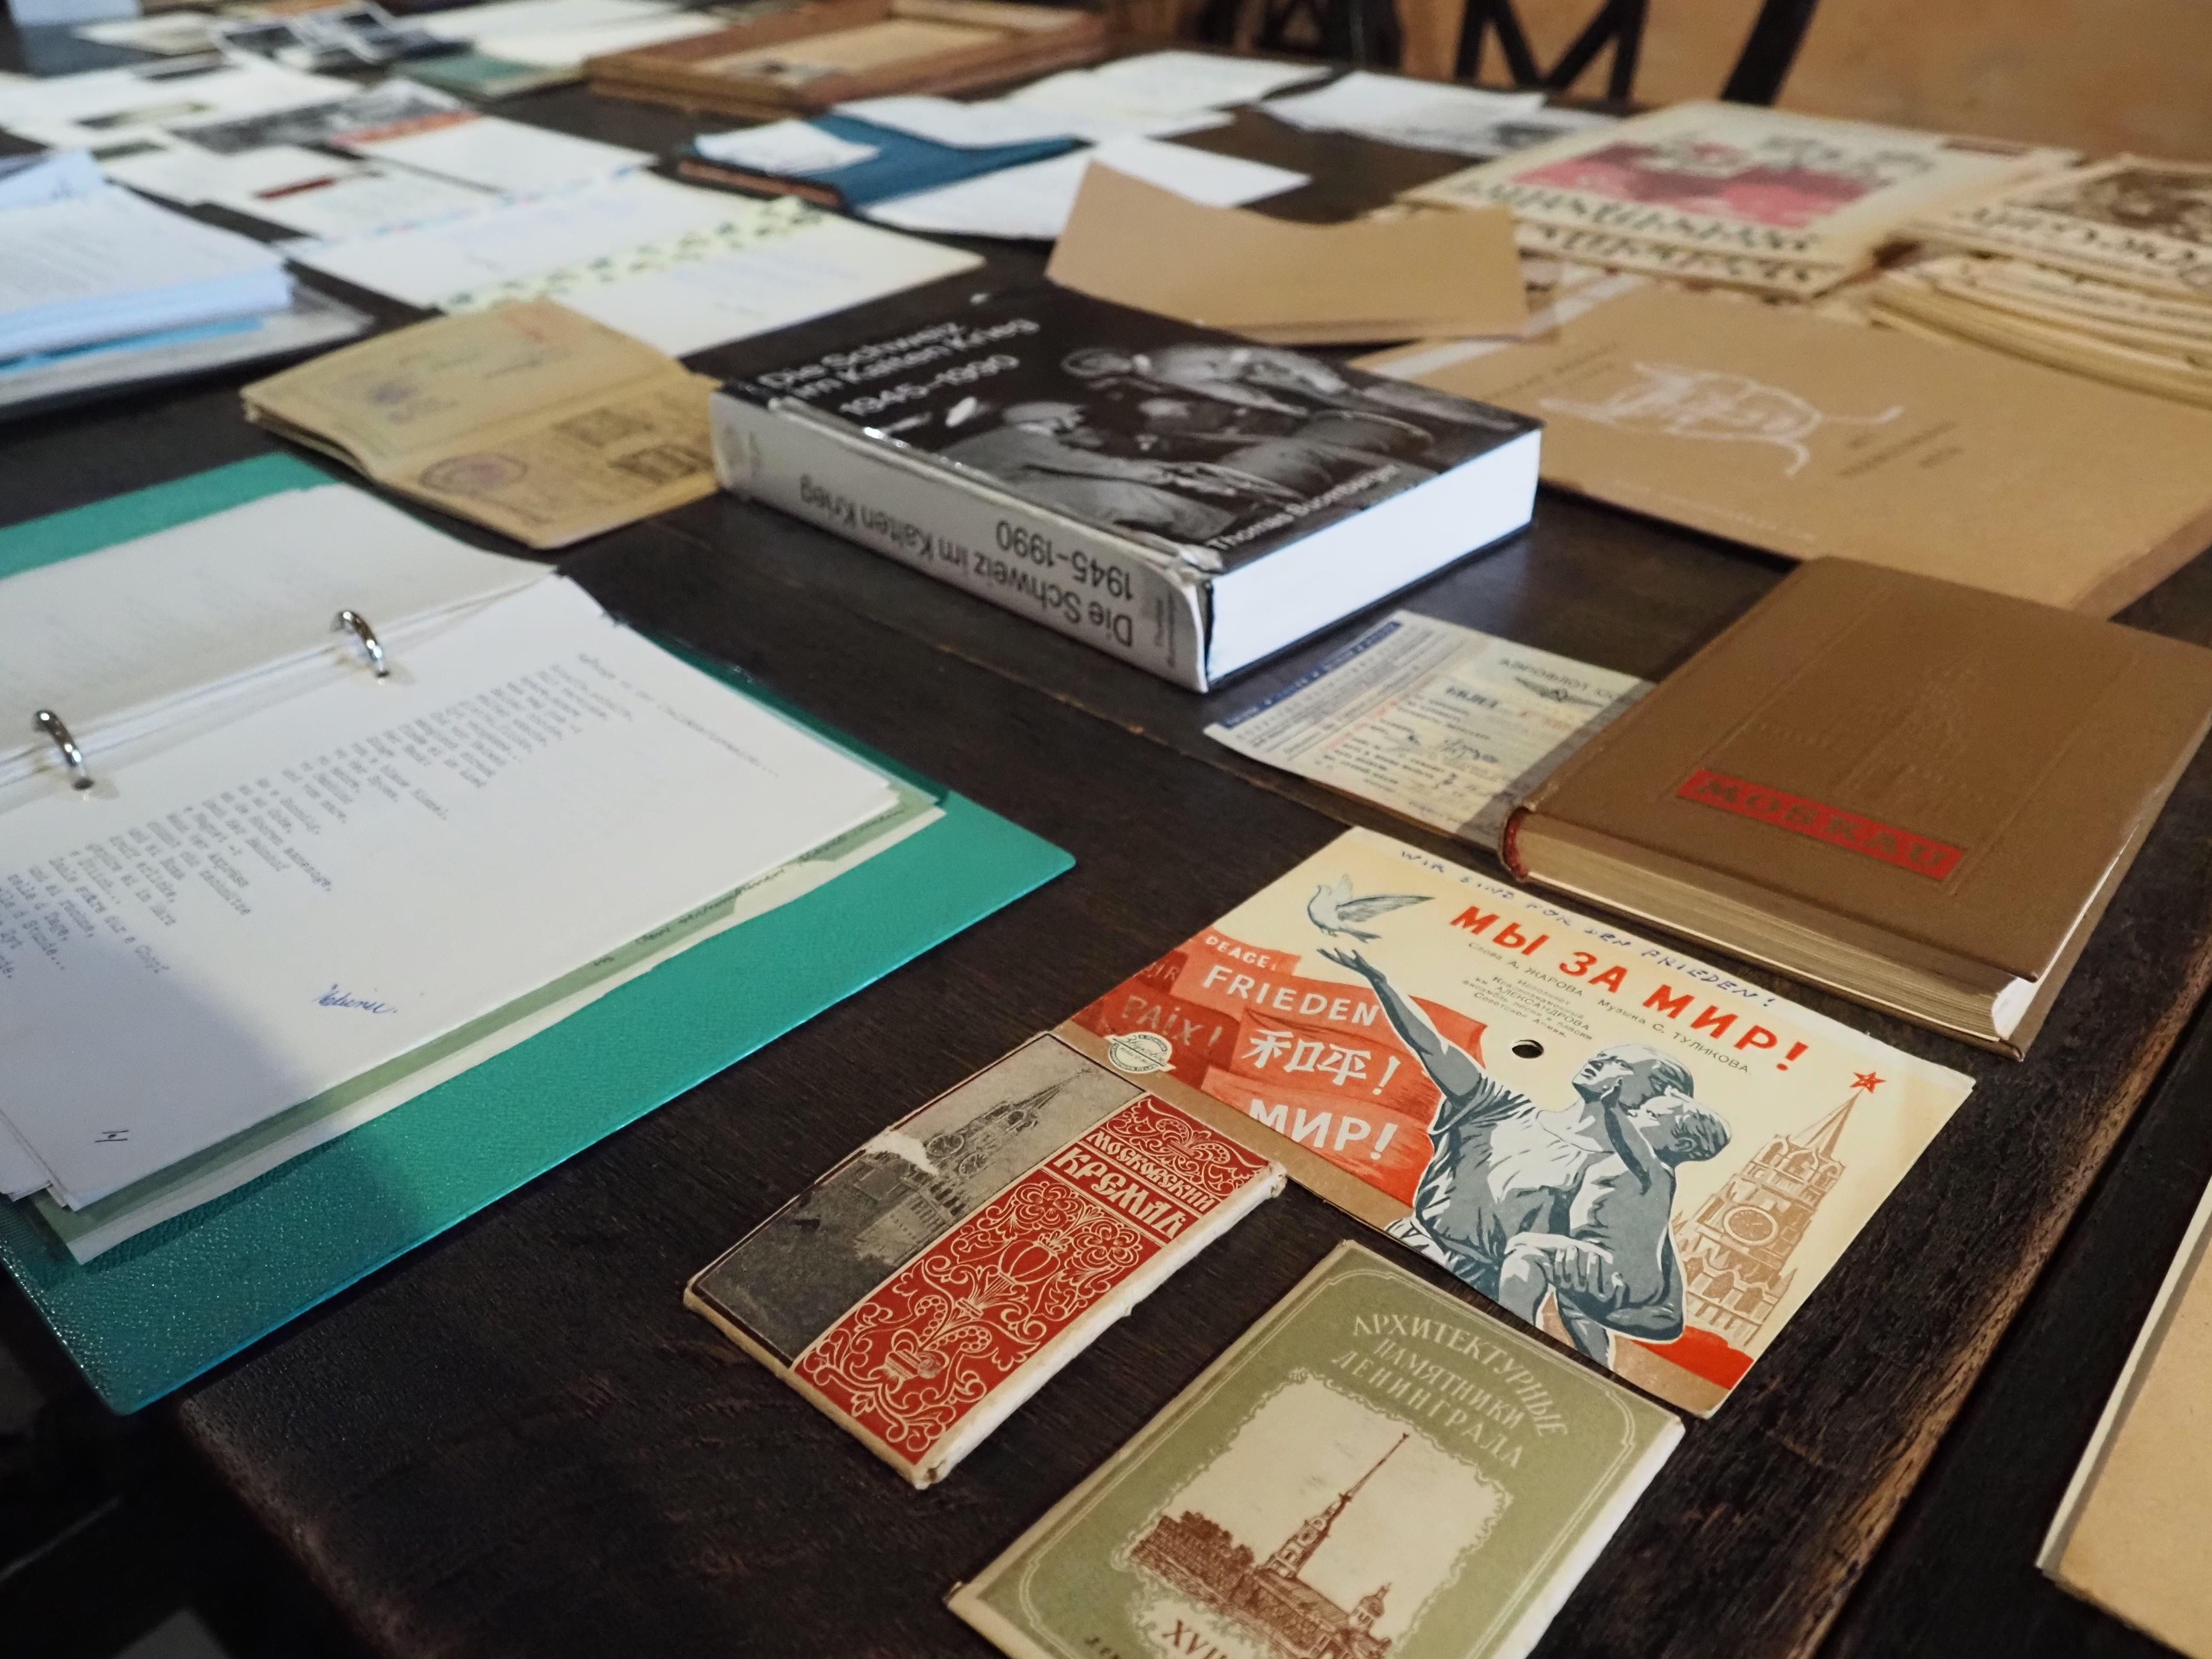 Ein Archiv ist der Sissacher Dichterin und Journalistin Helene Bossert gewidmet: Sie wurde als vermeintliche Kommunistin in den Fünfzigern politisch und gesellschaftlich geächtet.